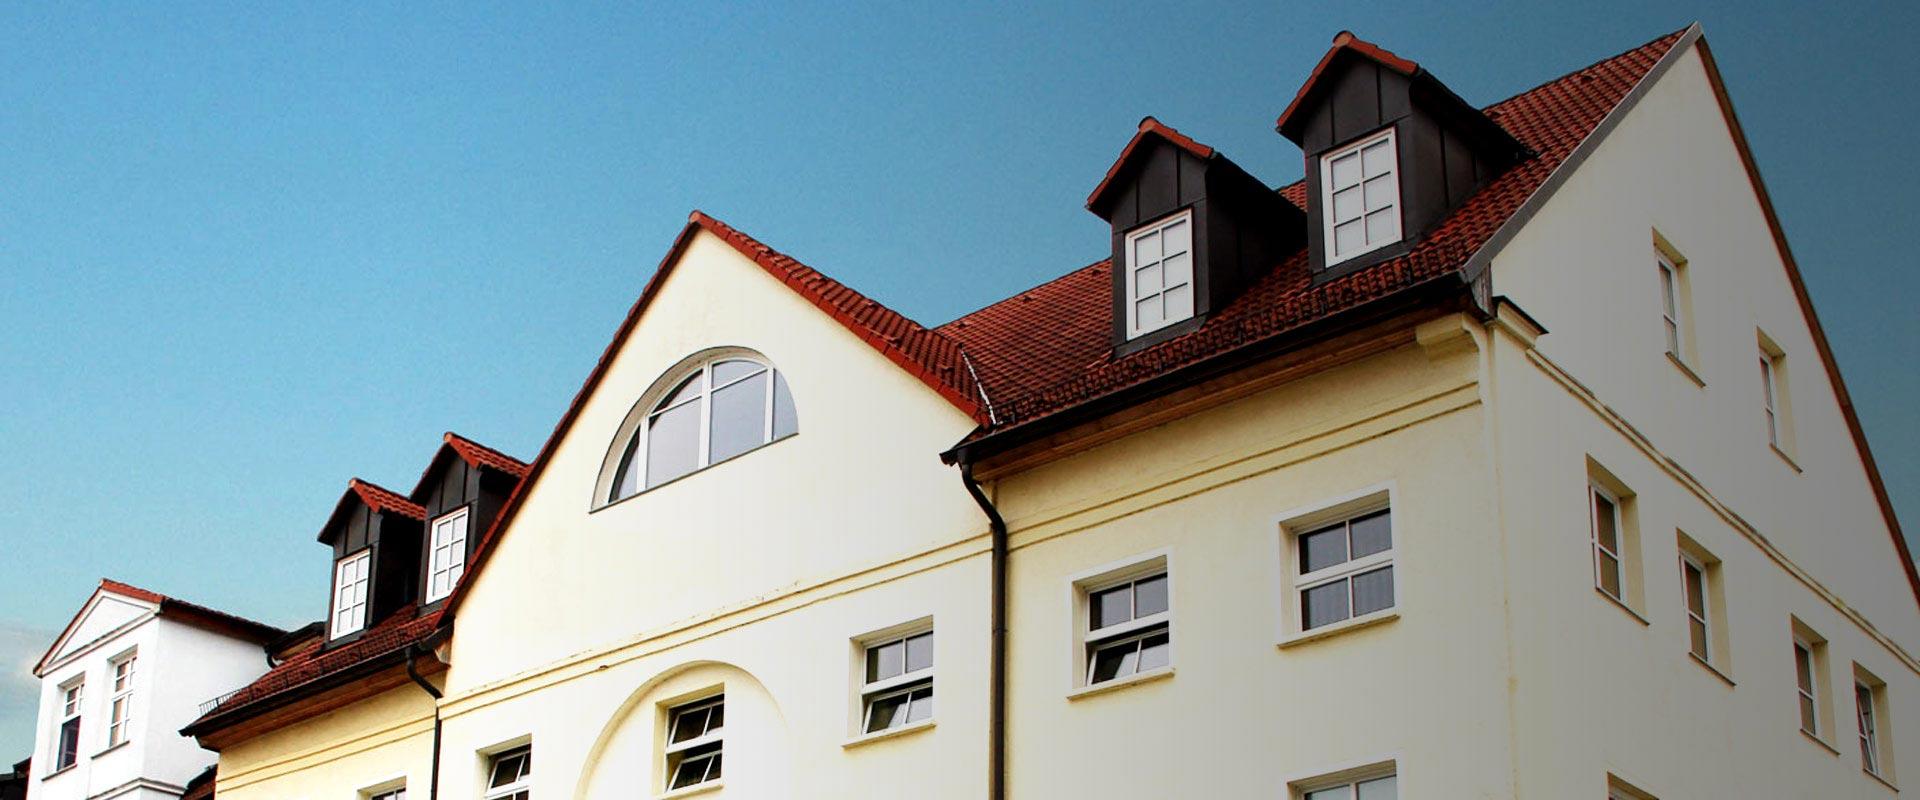 APS Immobilienverwaltung in Schwabach